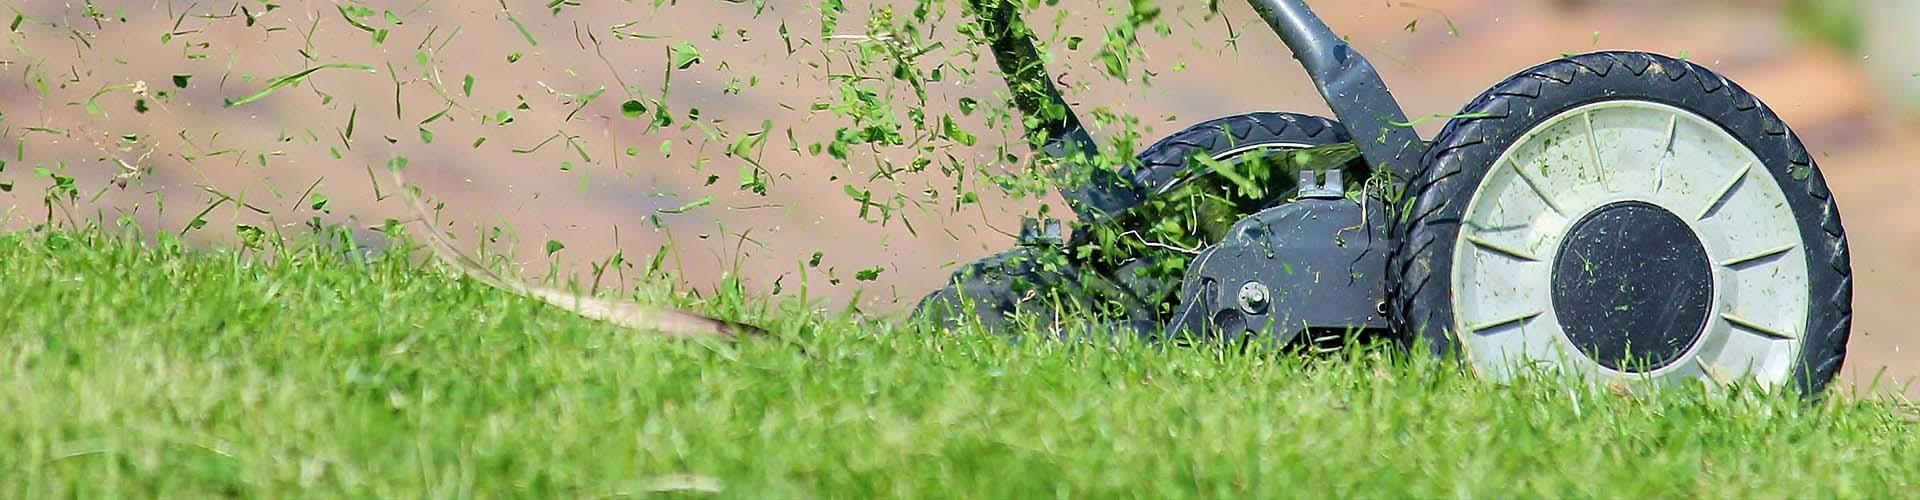 Koszenie, aeracja, wertykulacja, zakładanie trawnika